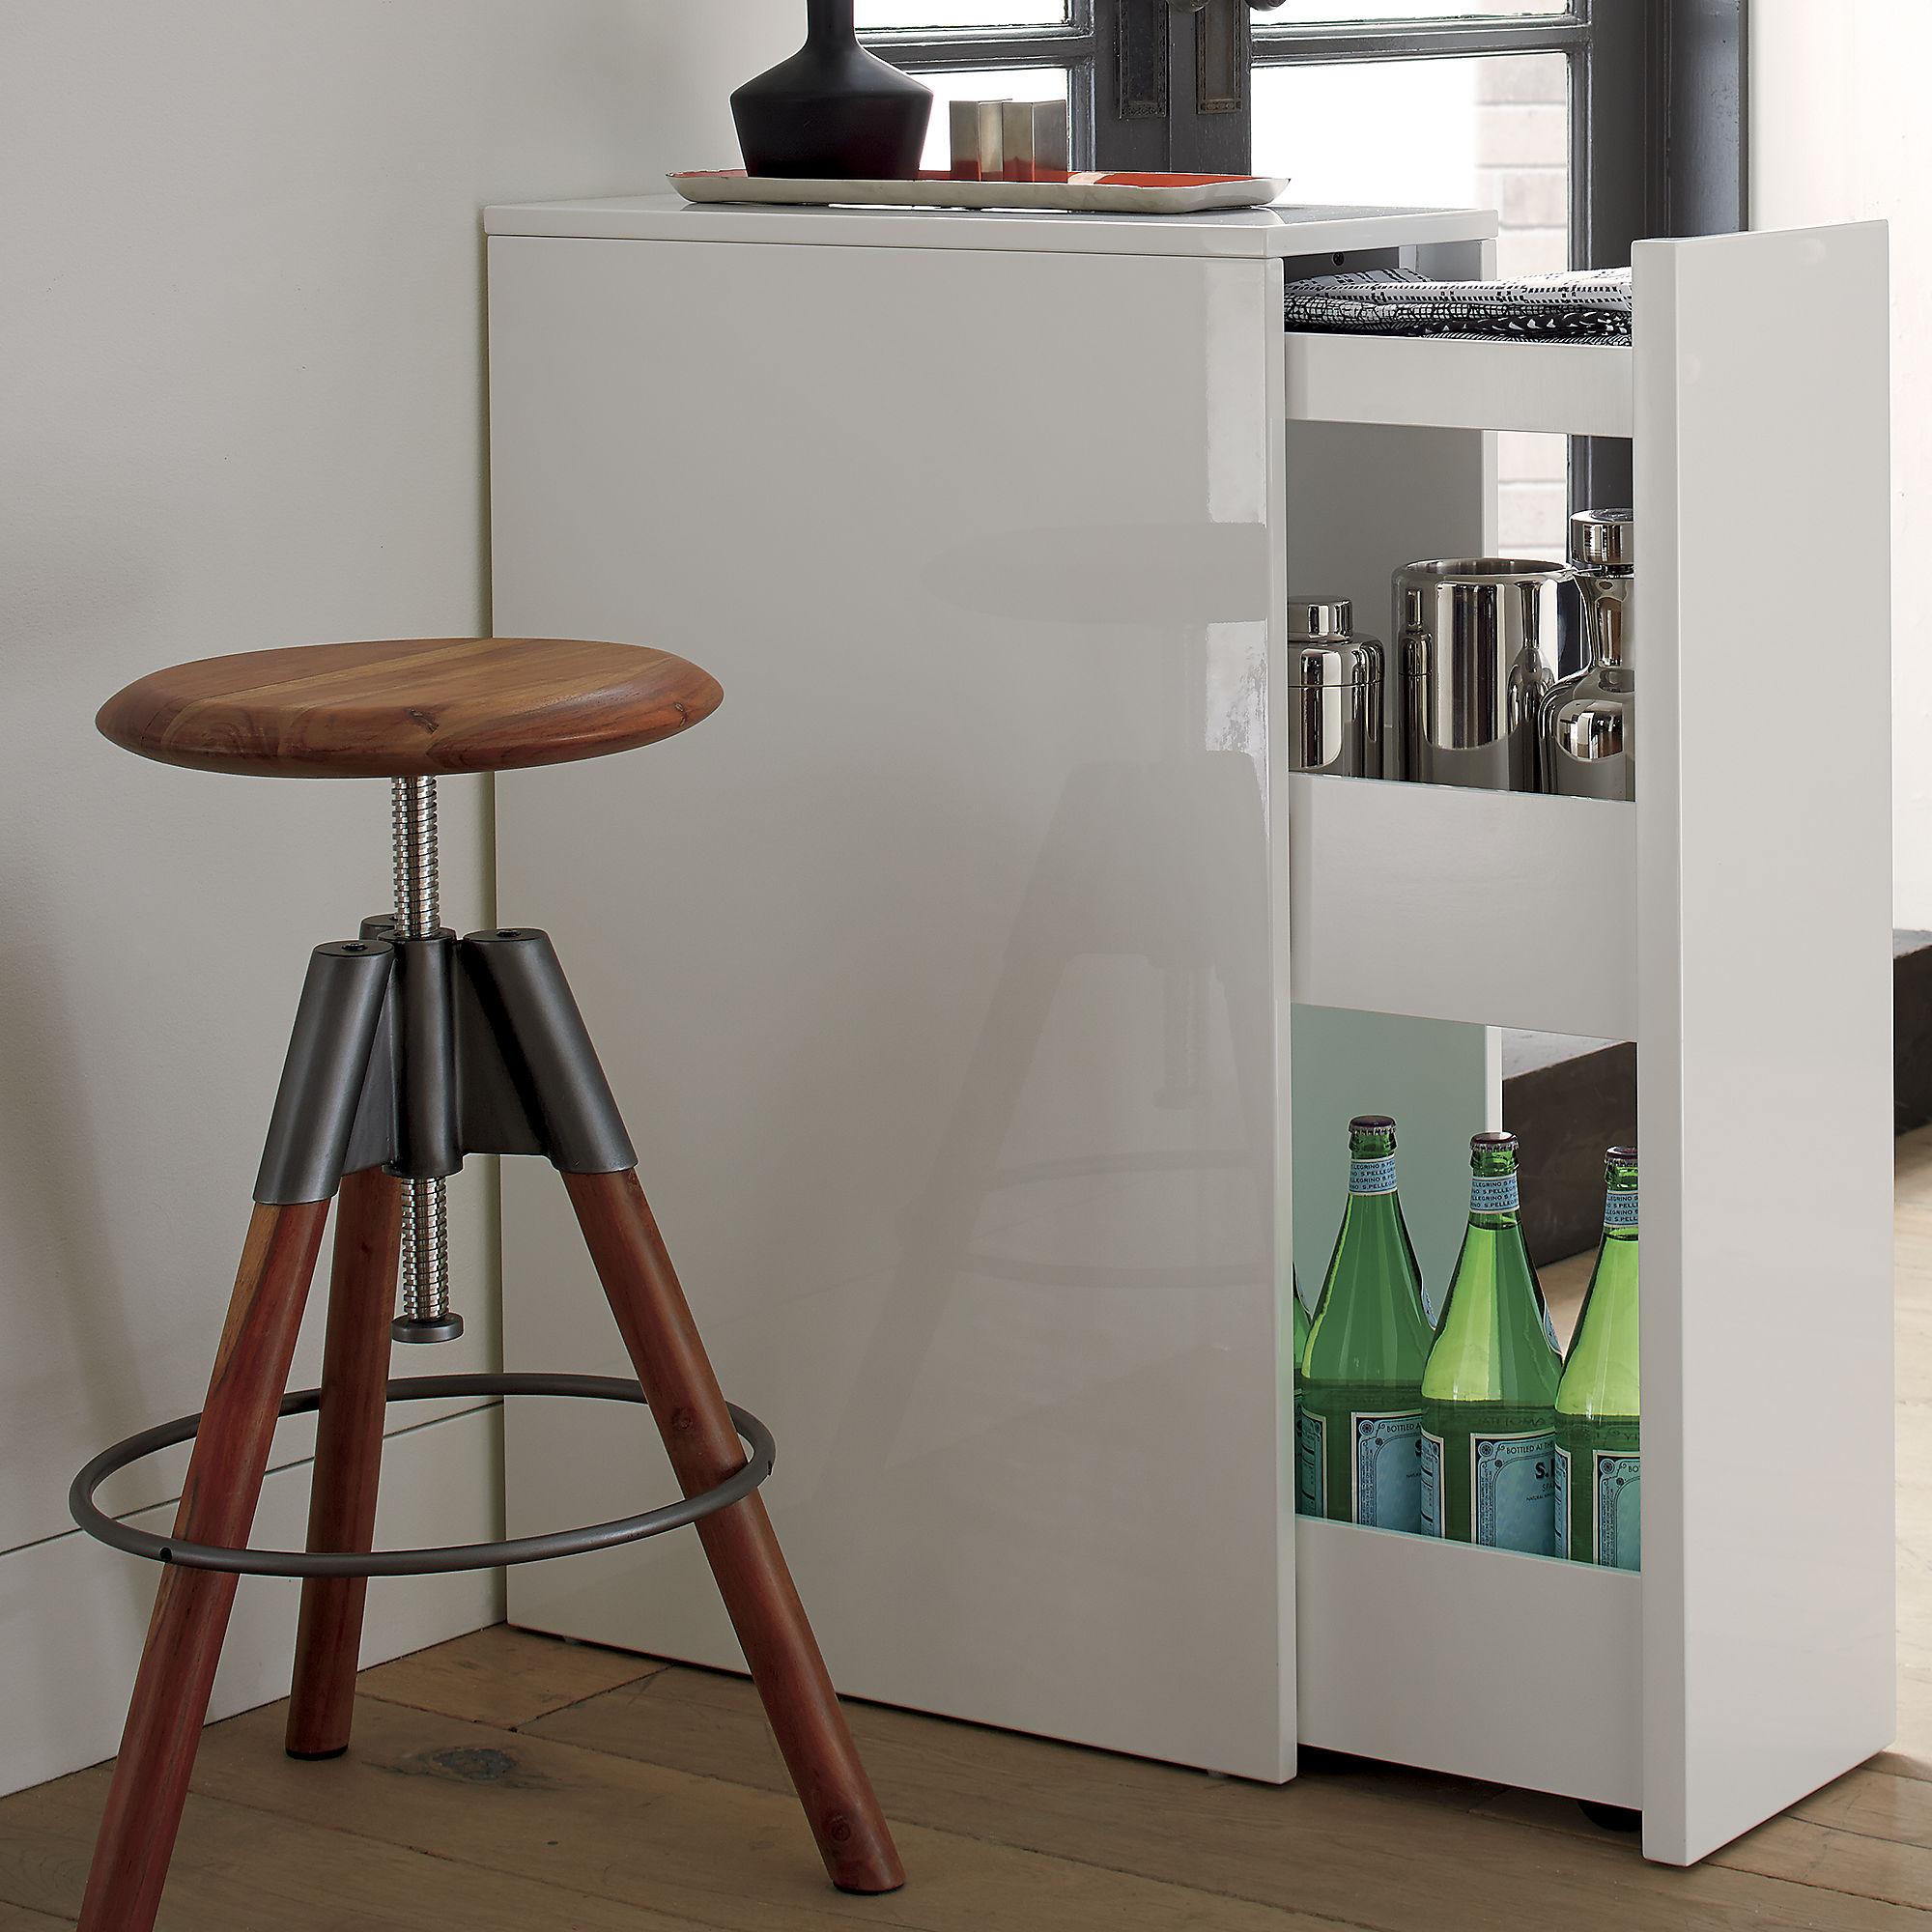 saic-cache-storage-cabinet.jpg